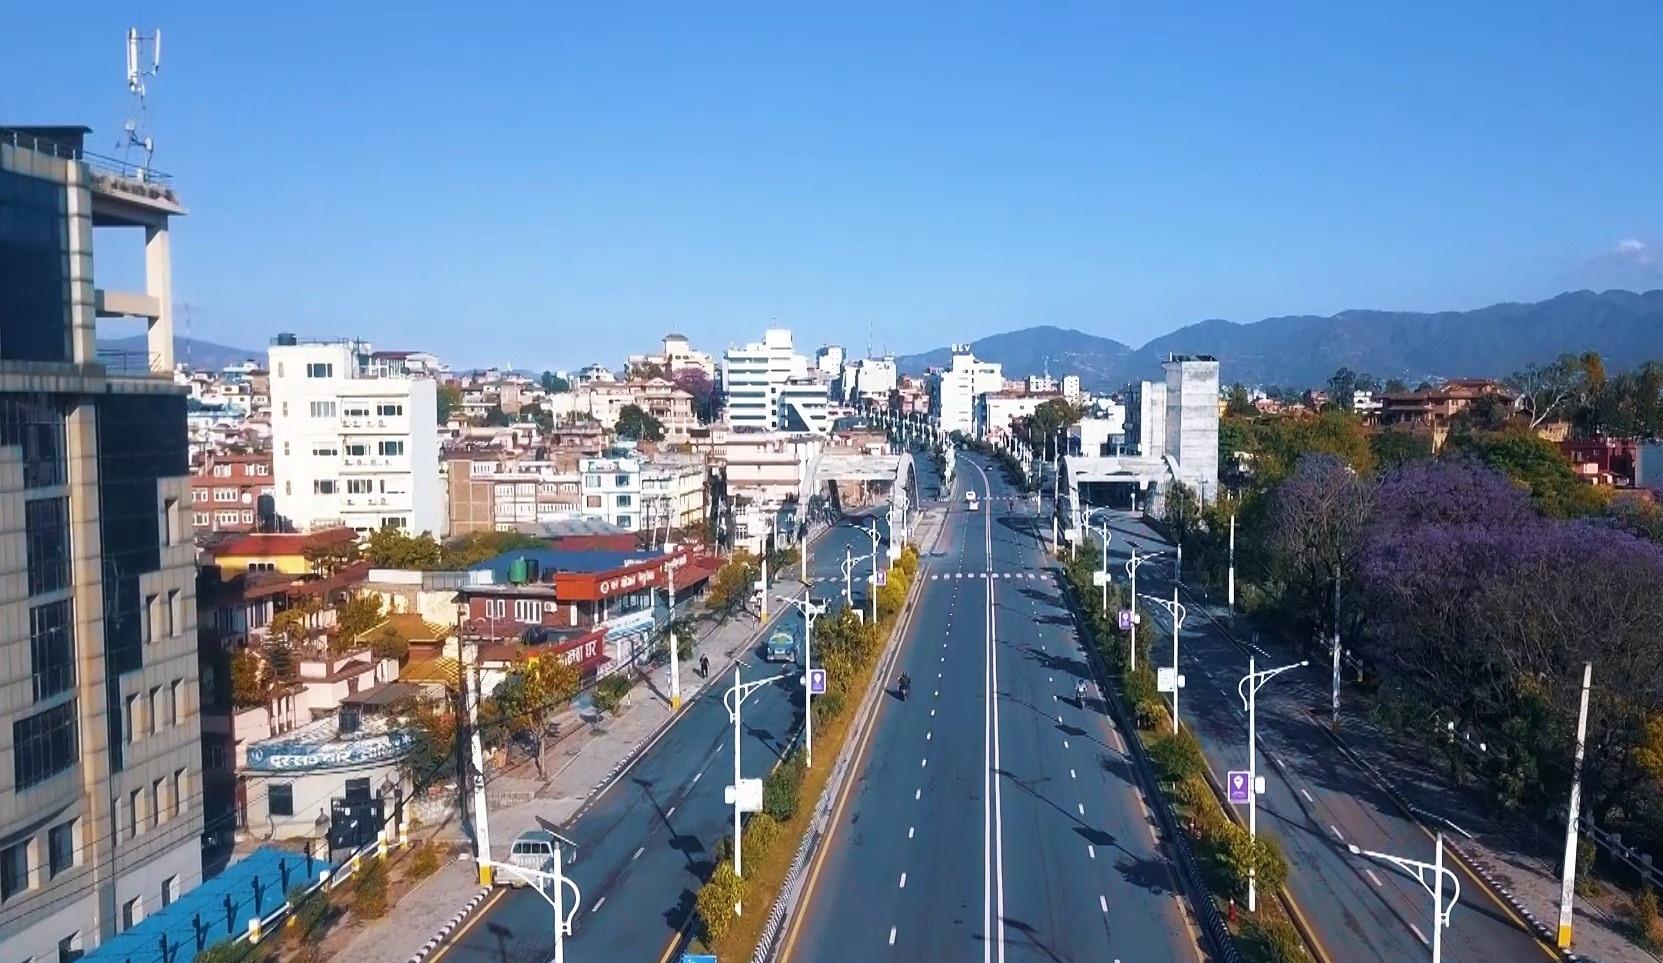 काठमाडौँ उपत्यकामा निषेधाज्ञा: हिँडडुलमा समेत रोक